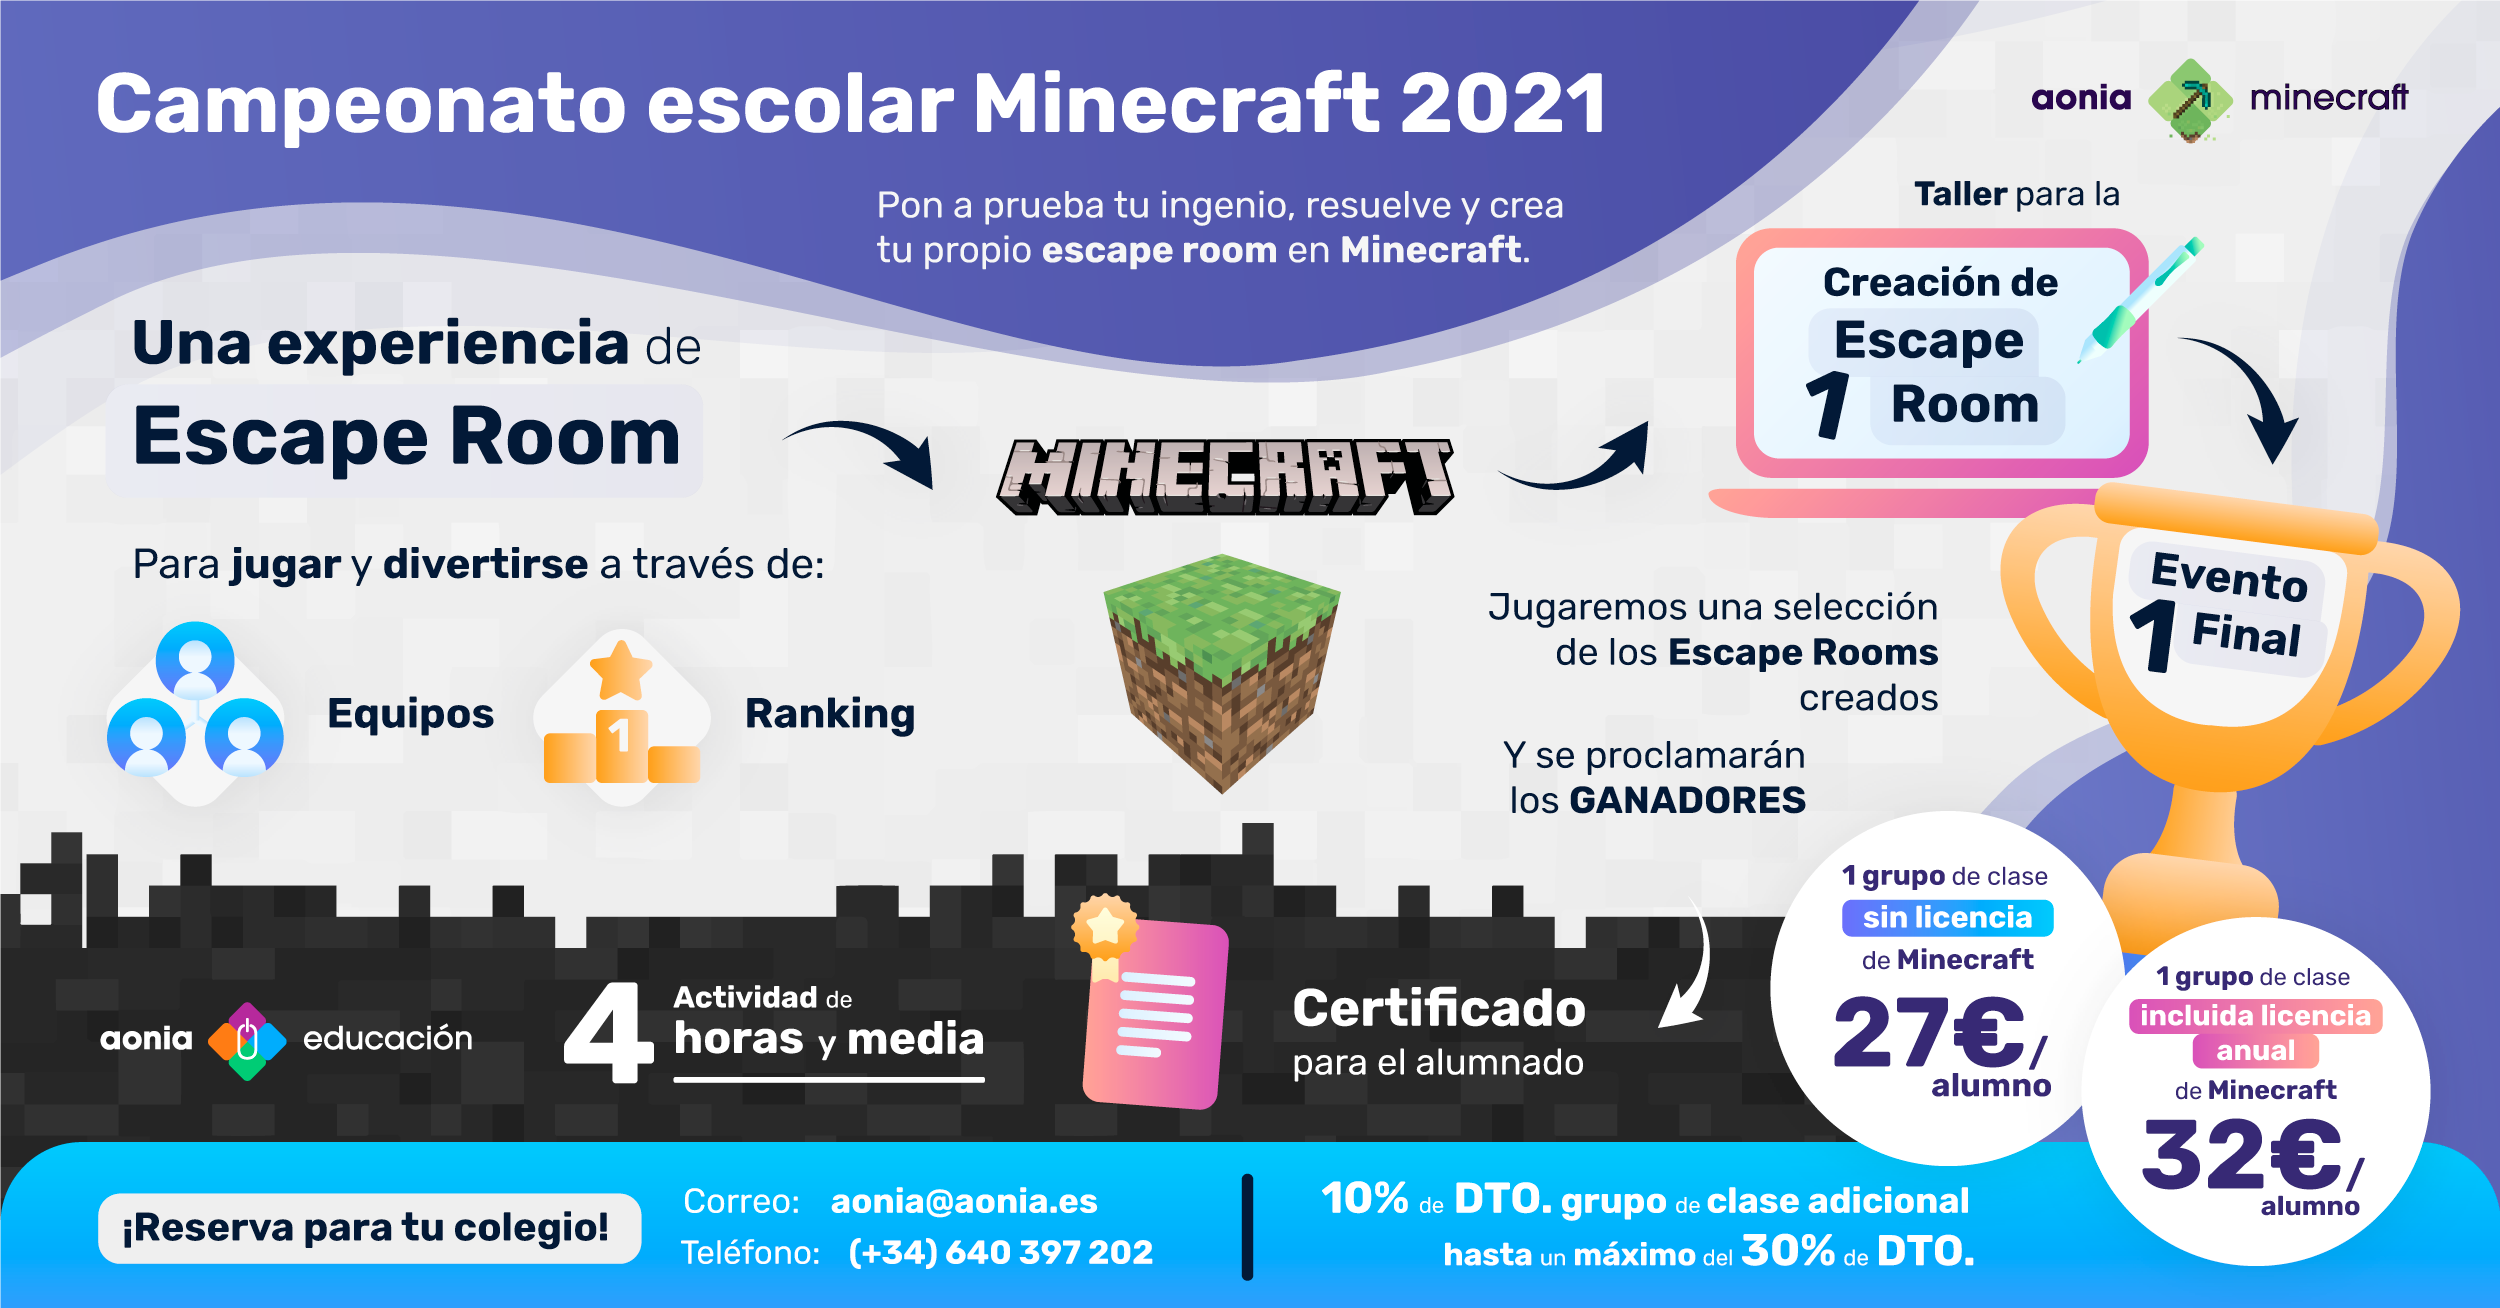 Campeonato Escolar Minecraft 2021 - Aonia Educación